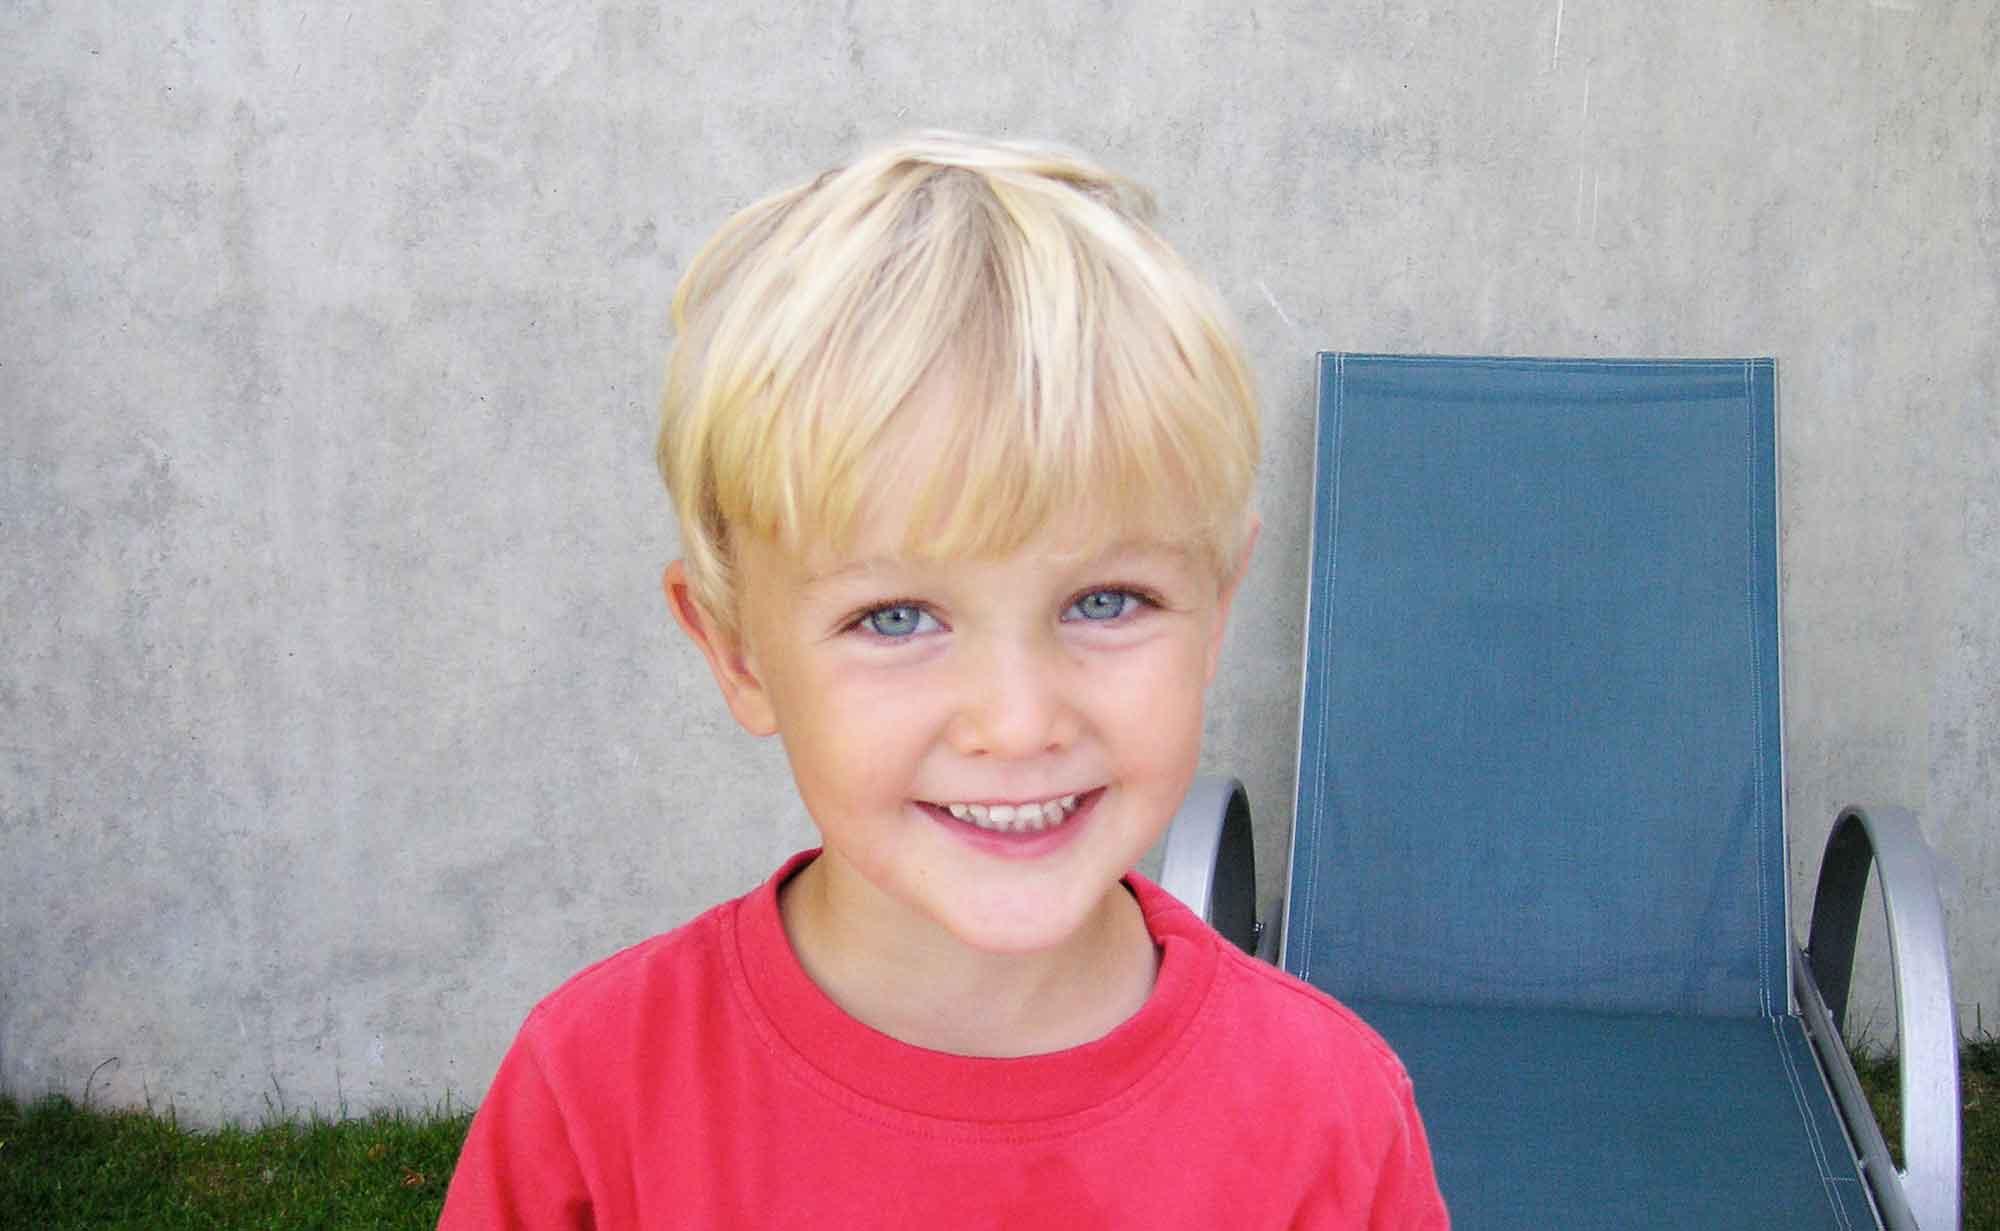 Kinderendokrinologie Starnberg, Endokrinologie für Kinder und Jugendliche